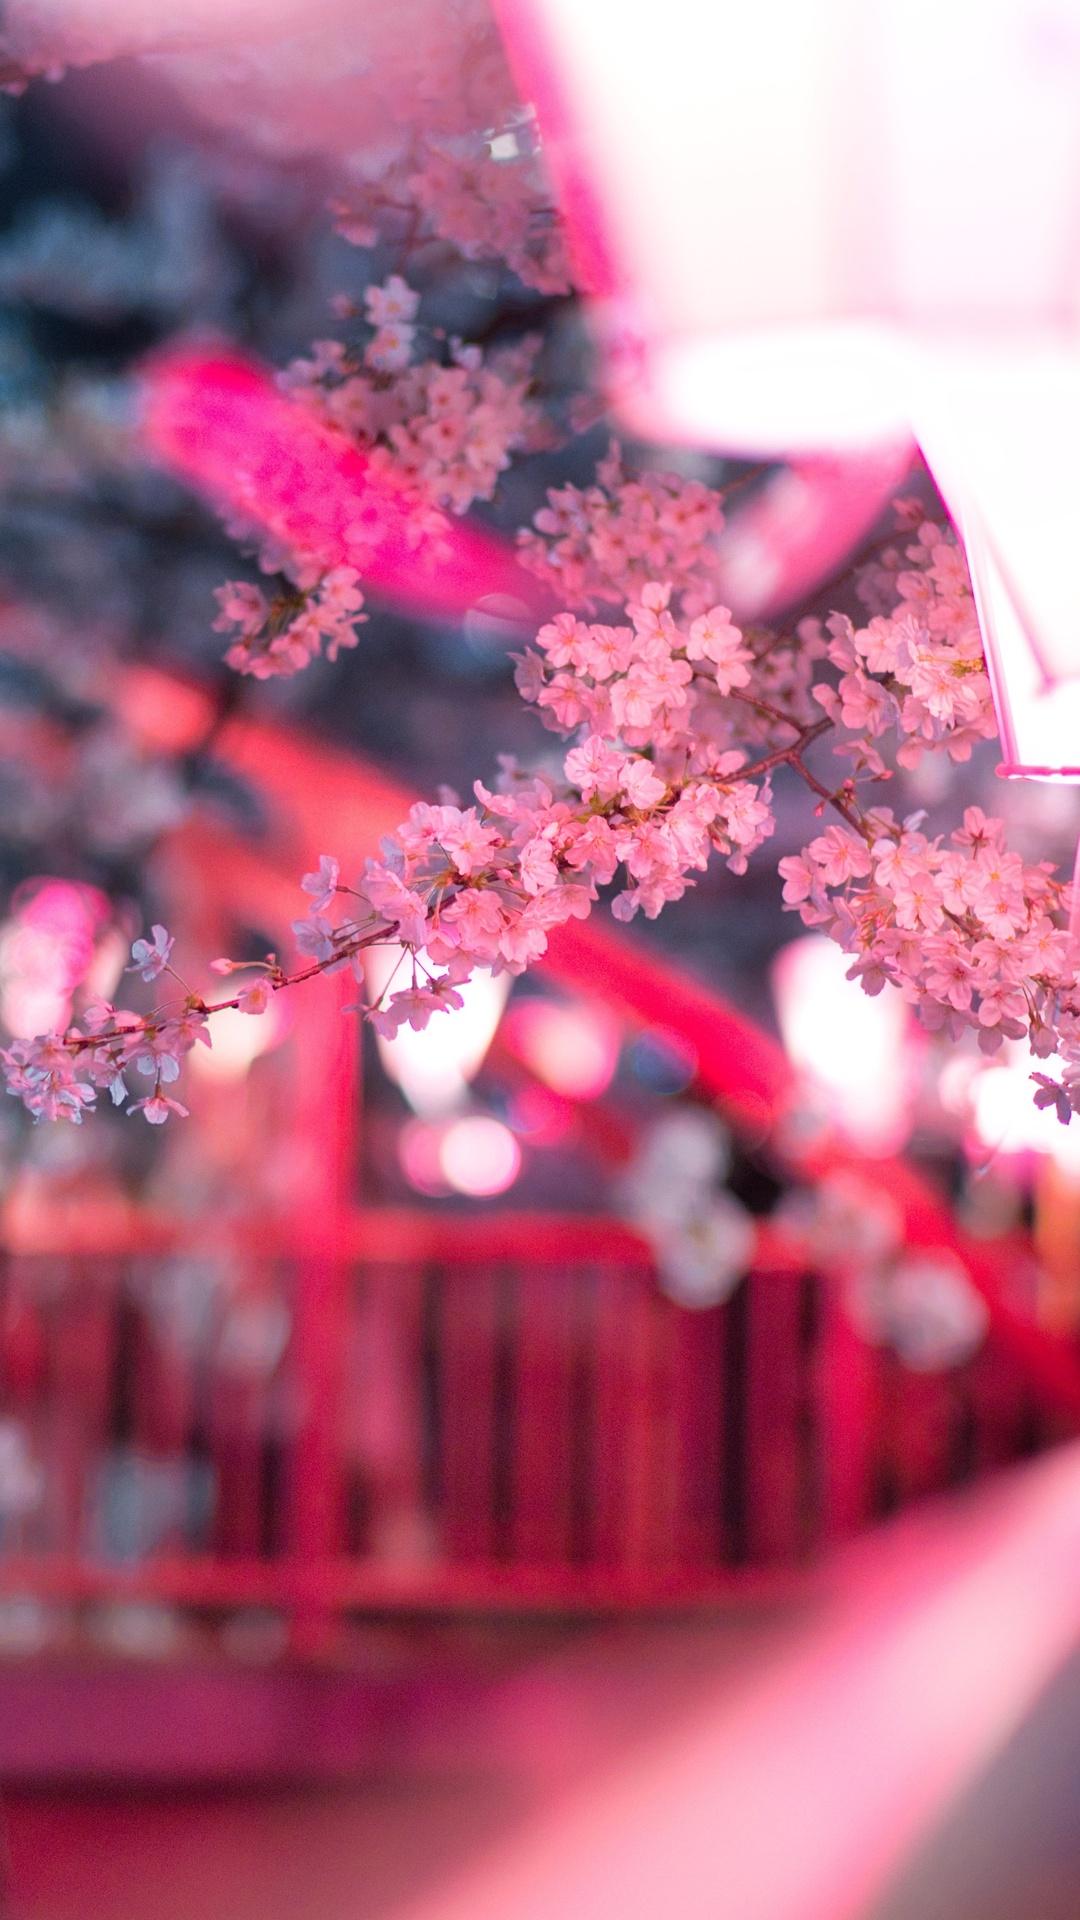 cherry-blossom-flora-flowers-5k-op.jpg